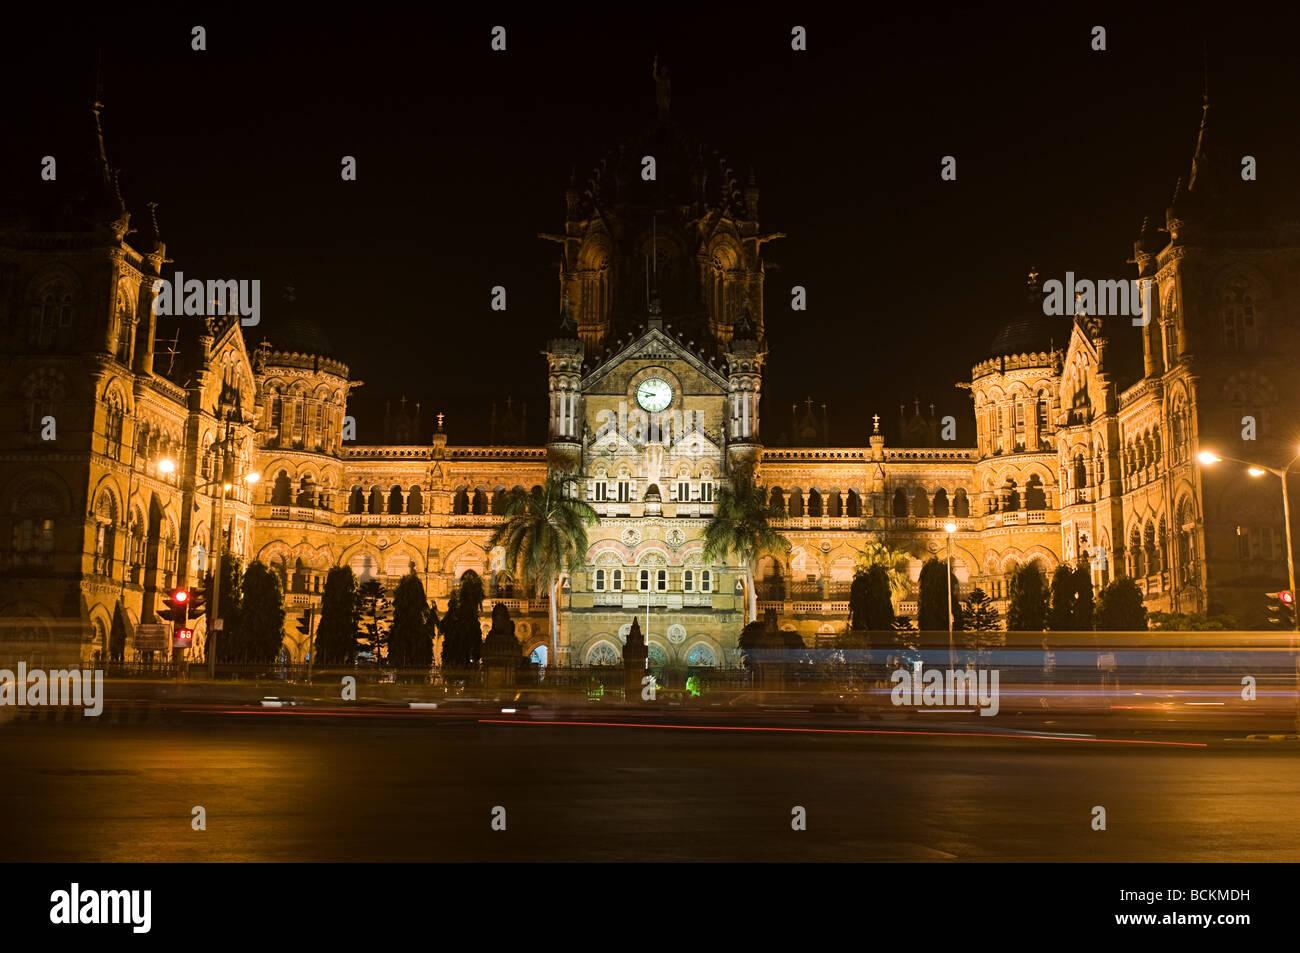 Chhatrapati shivaji terminus - Stock Image